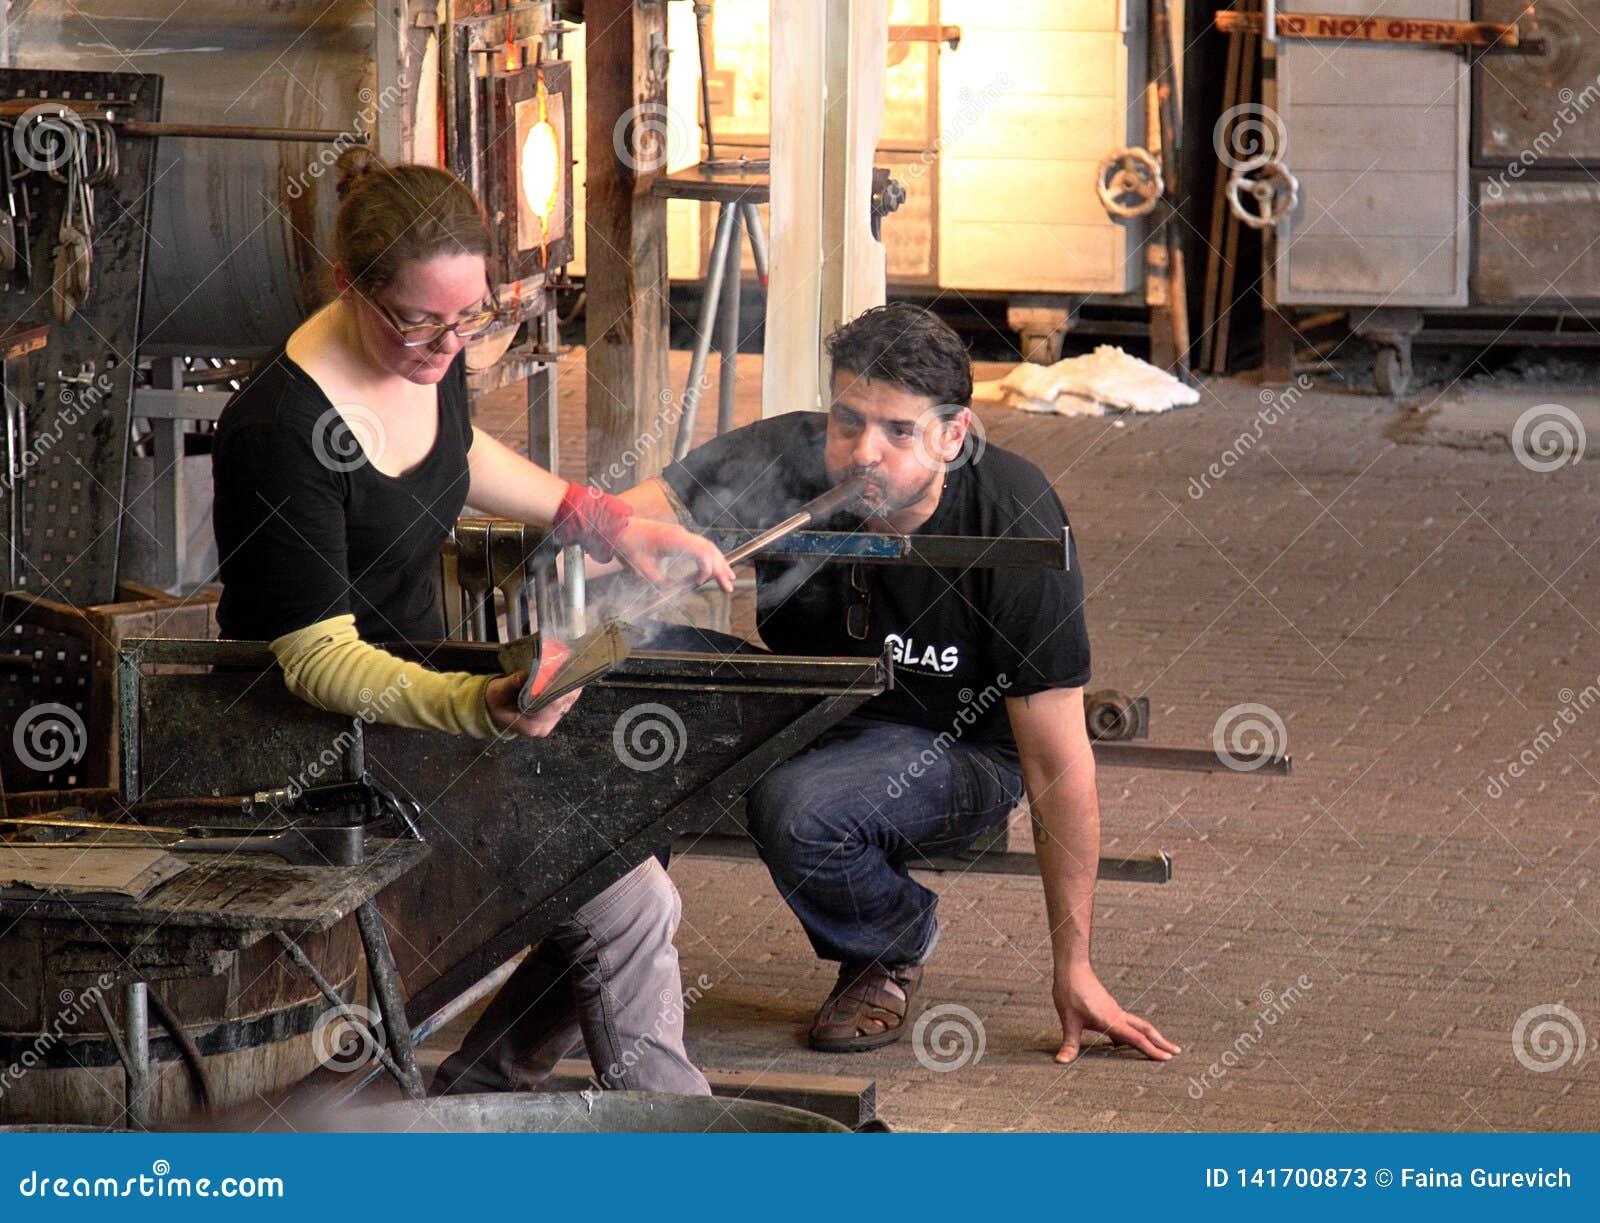 Los ventiladores de cristal demuestran su arte en una atracción turística popular en Leusden